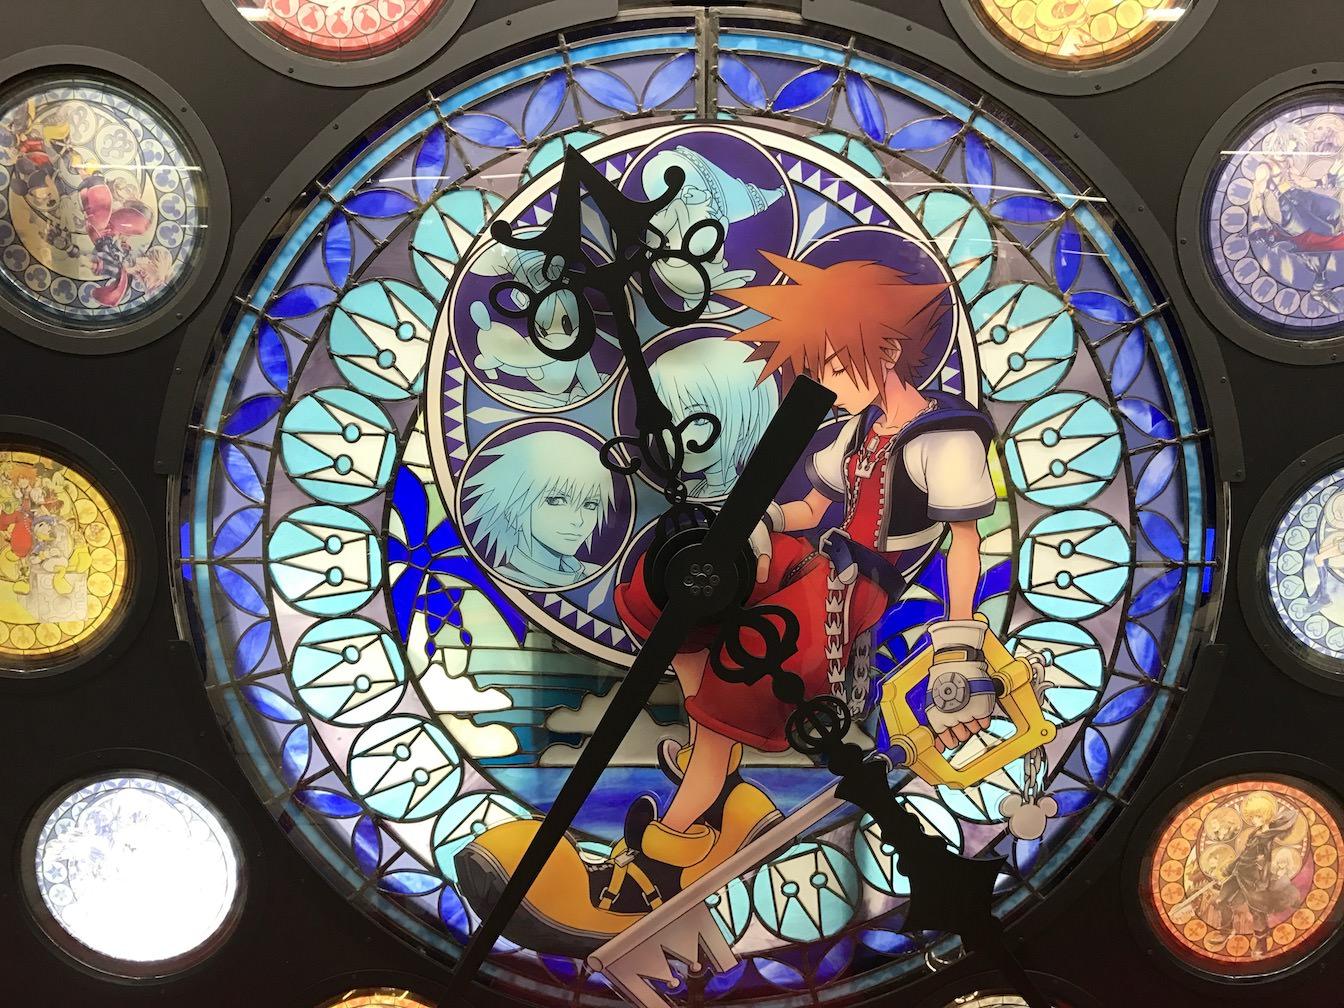 キングダムハーツファン必見 新宿に15周年メモリアルステンドグラスが登場 早速見に行ってきたよ キングダムハーツ15周年 Mirai Stereo